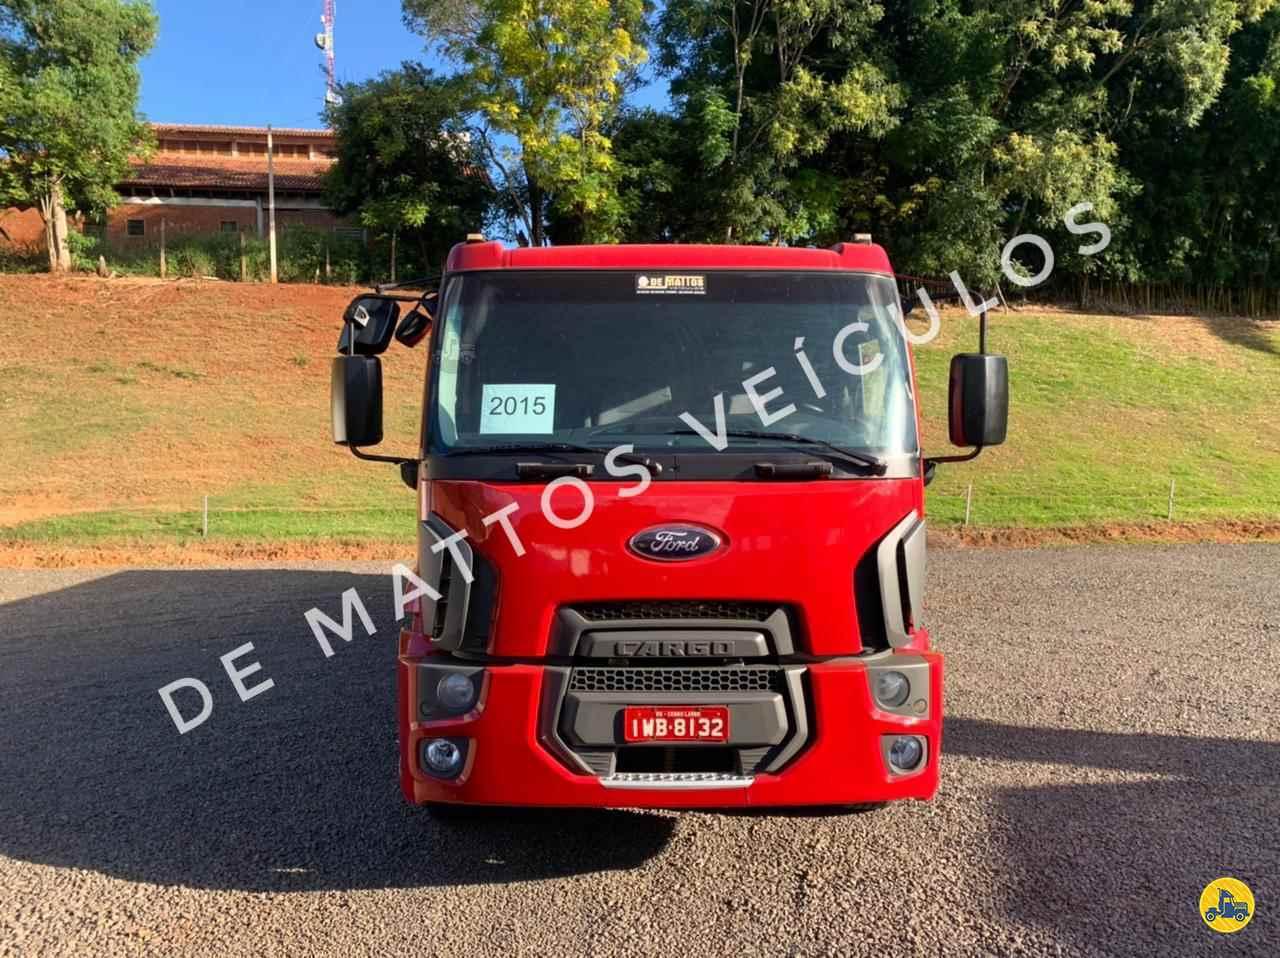 CAMINHAO FORD CARGO 1723 Graneleiro Truck 6x2 De Mattos Veículos TUCUNDUVA RIO GRANDE DO SUL RS